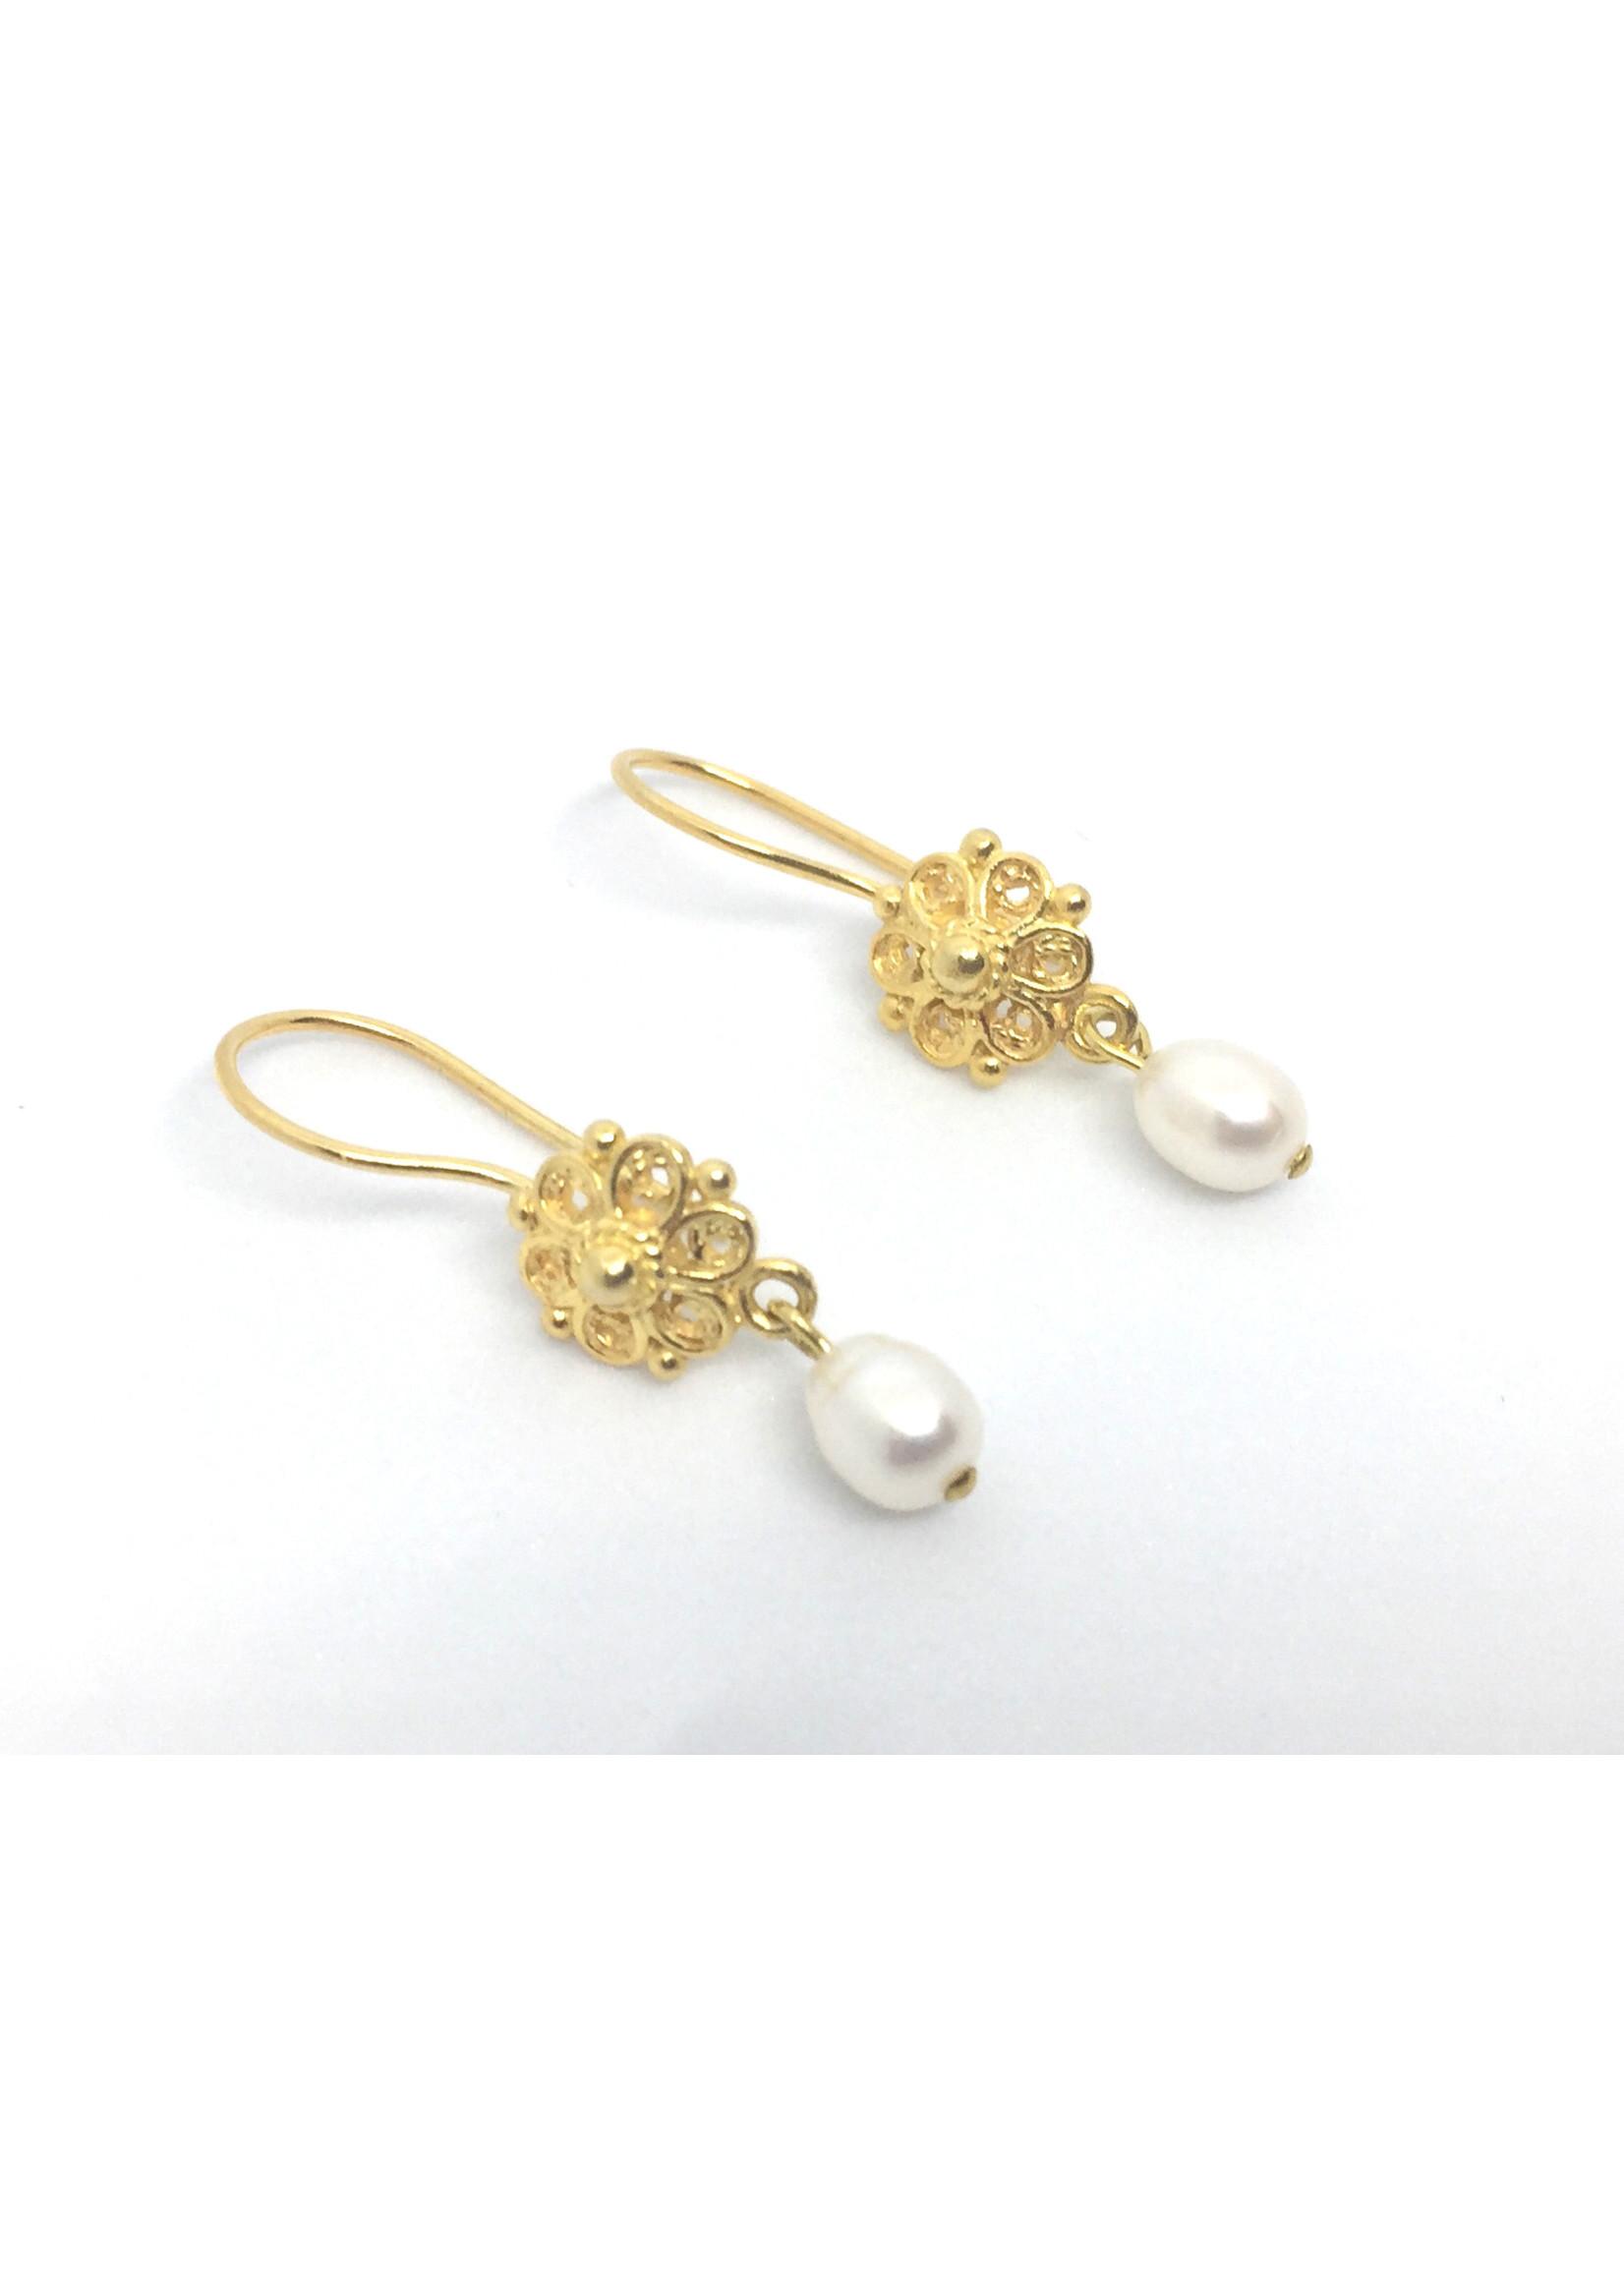 Vergoldete Ohrringe von Els de Ruyter mit Süßwasserperlen